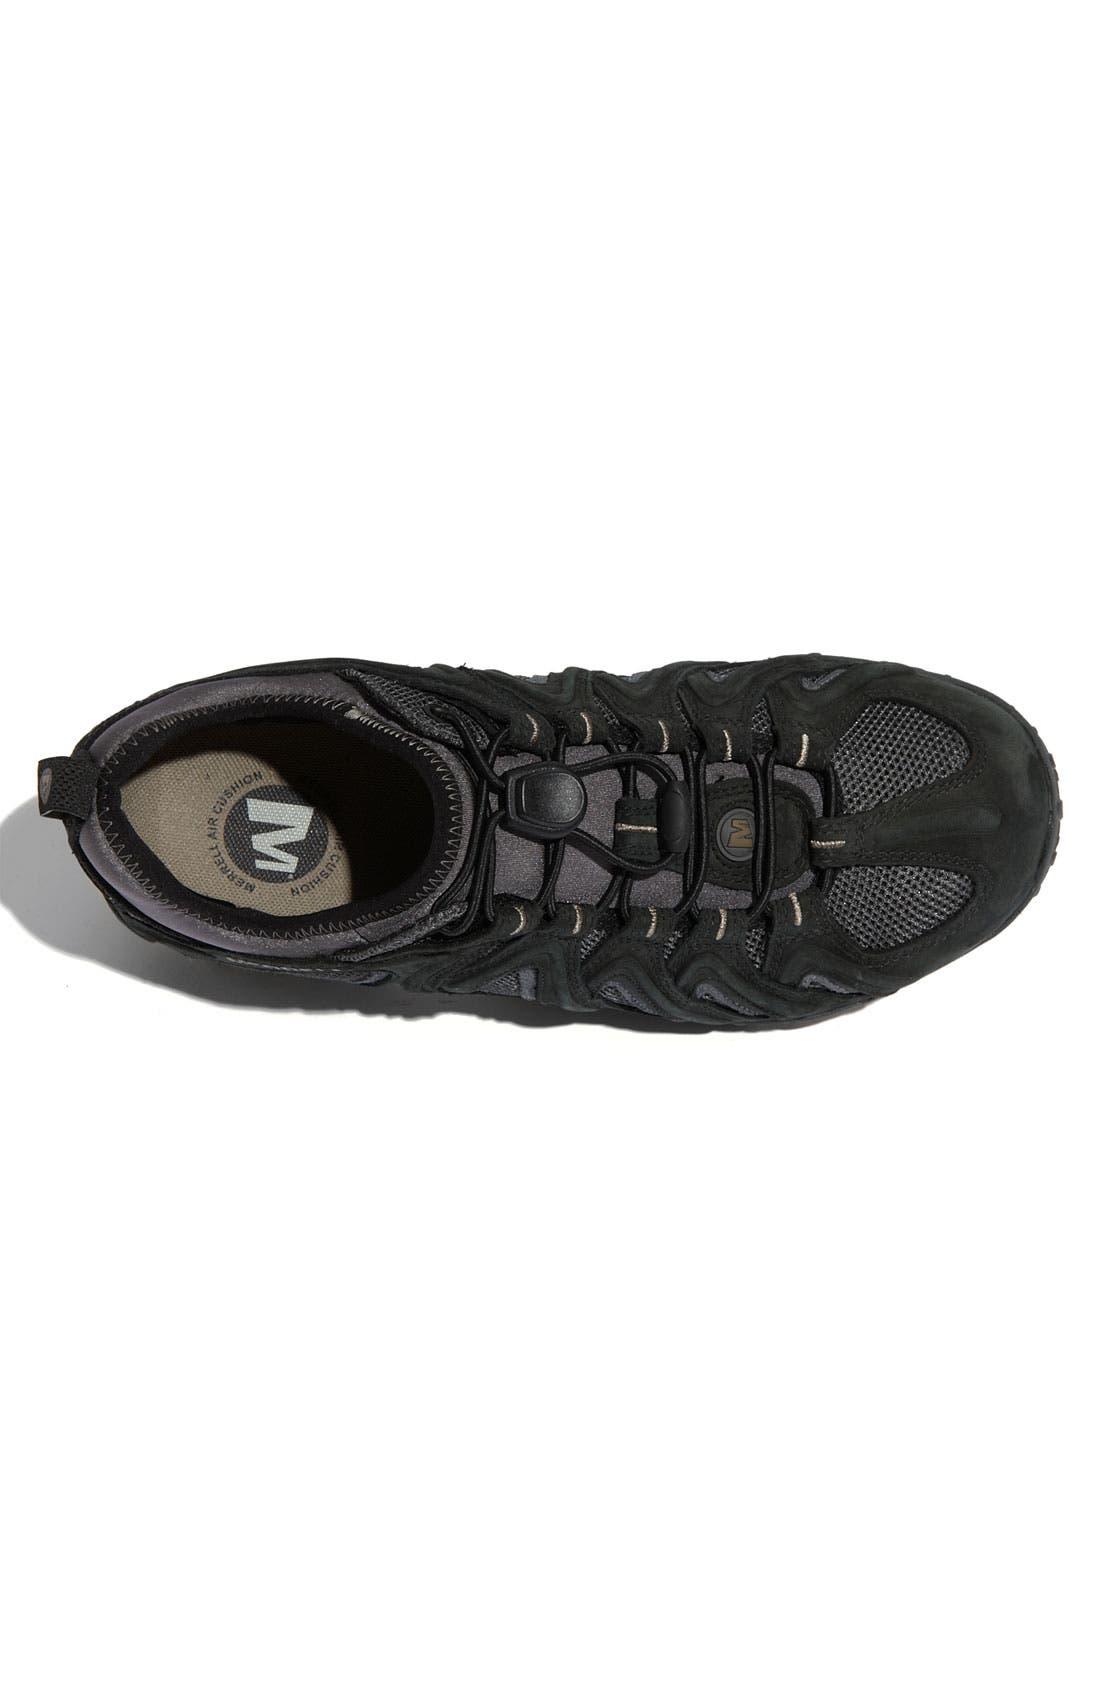 Alternate Image 3  - Merrell 'Chameleon 4 Stretch' Hiking Shoe (Men) (Online Only)